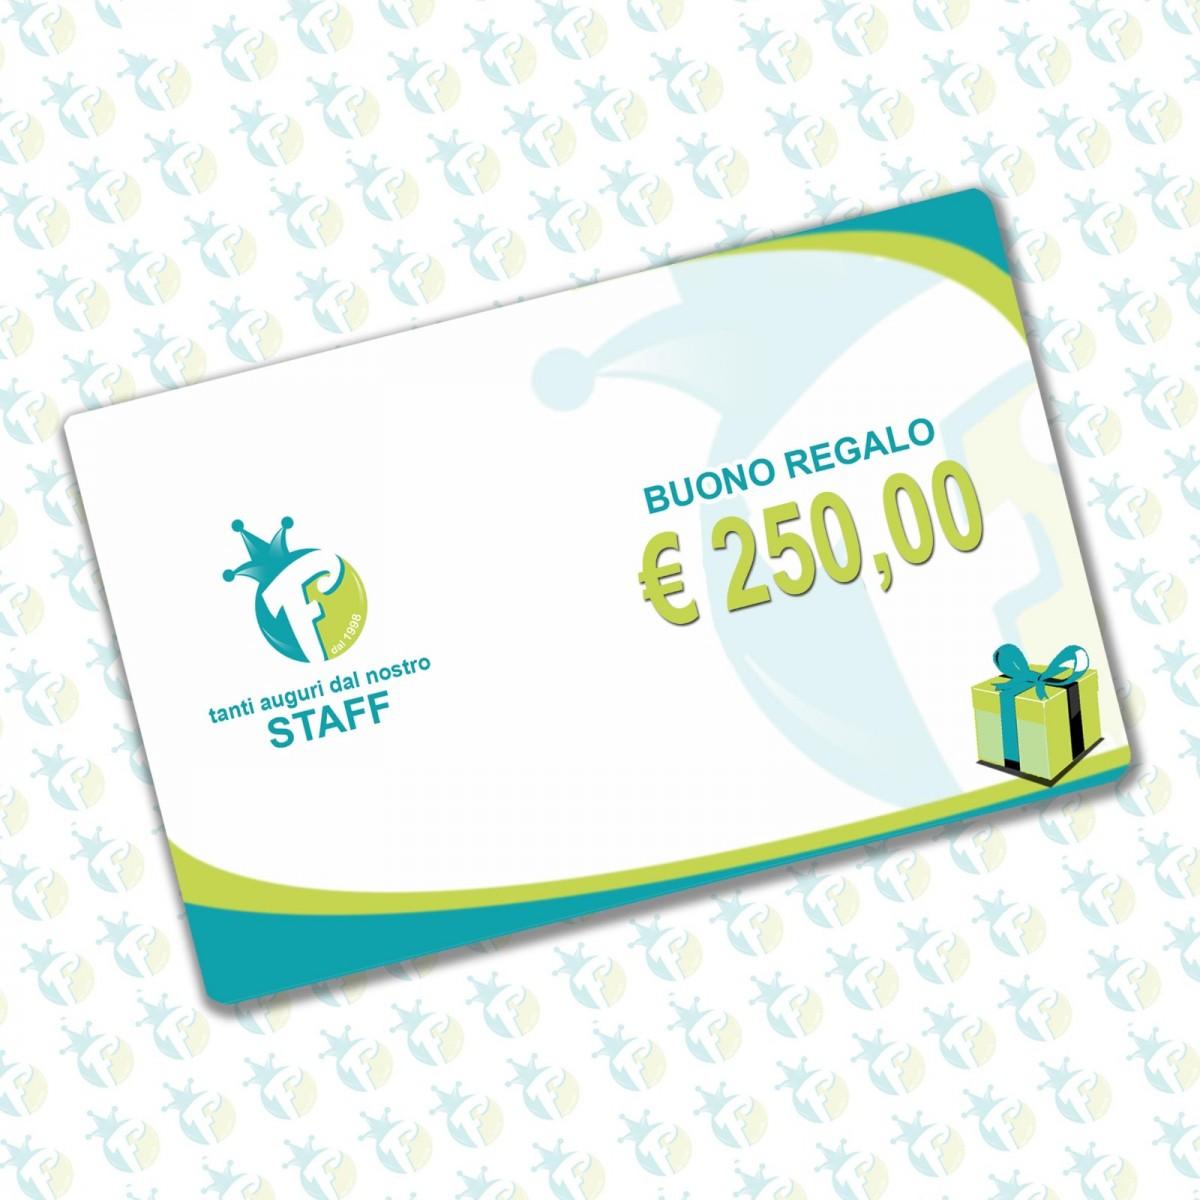 Buono regalo 250 €